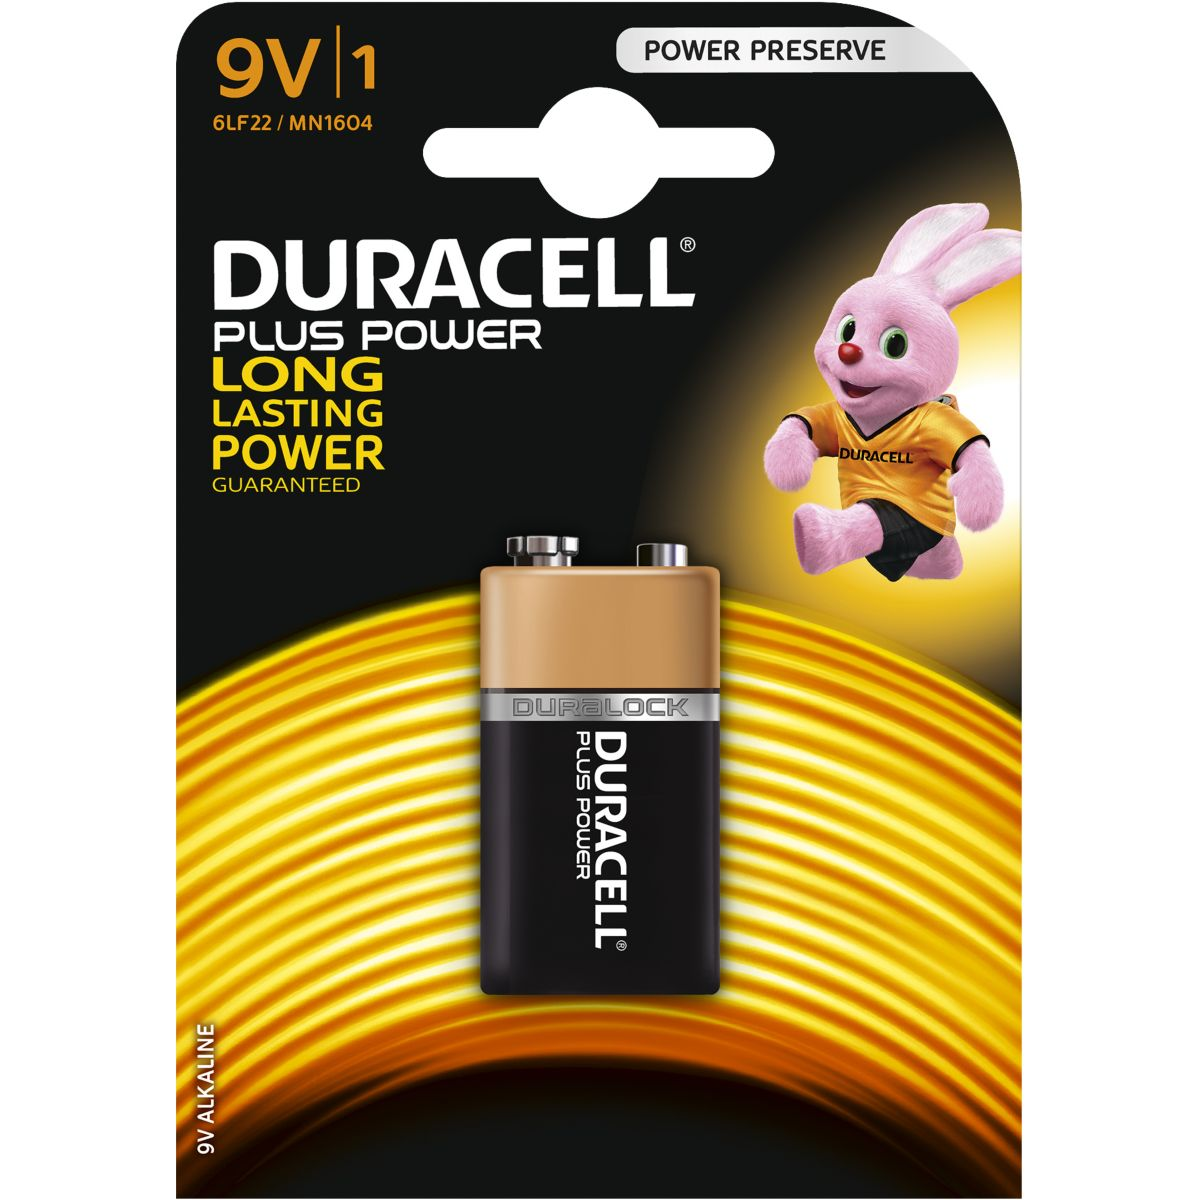 Pile non rechargeable duracell 9 volts x1 plus power (photo)